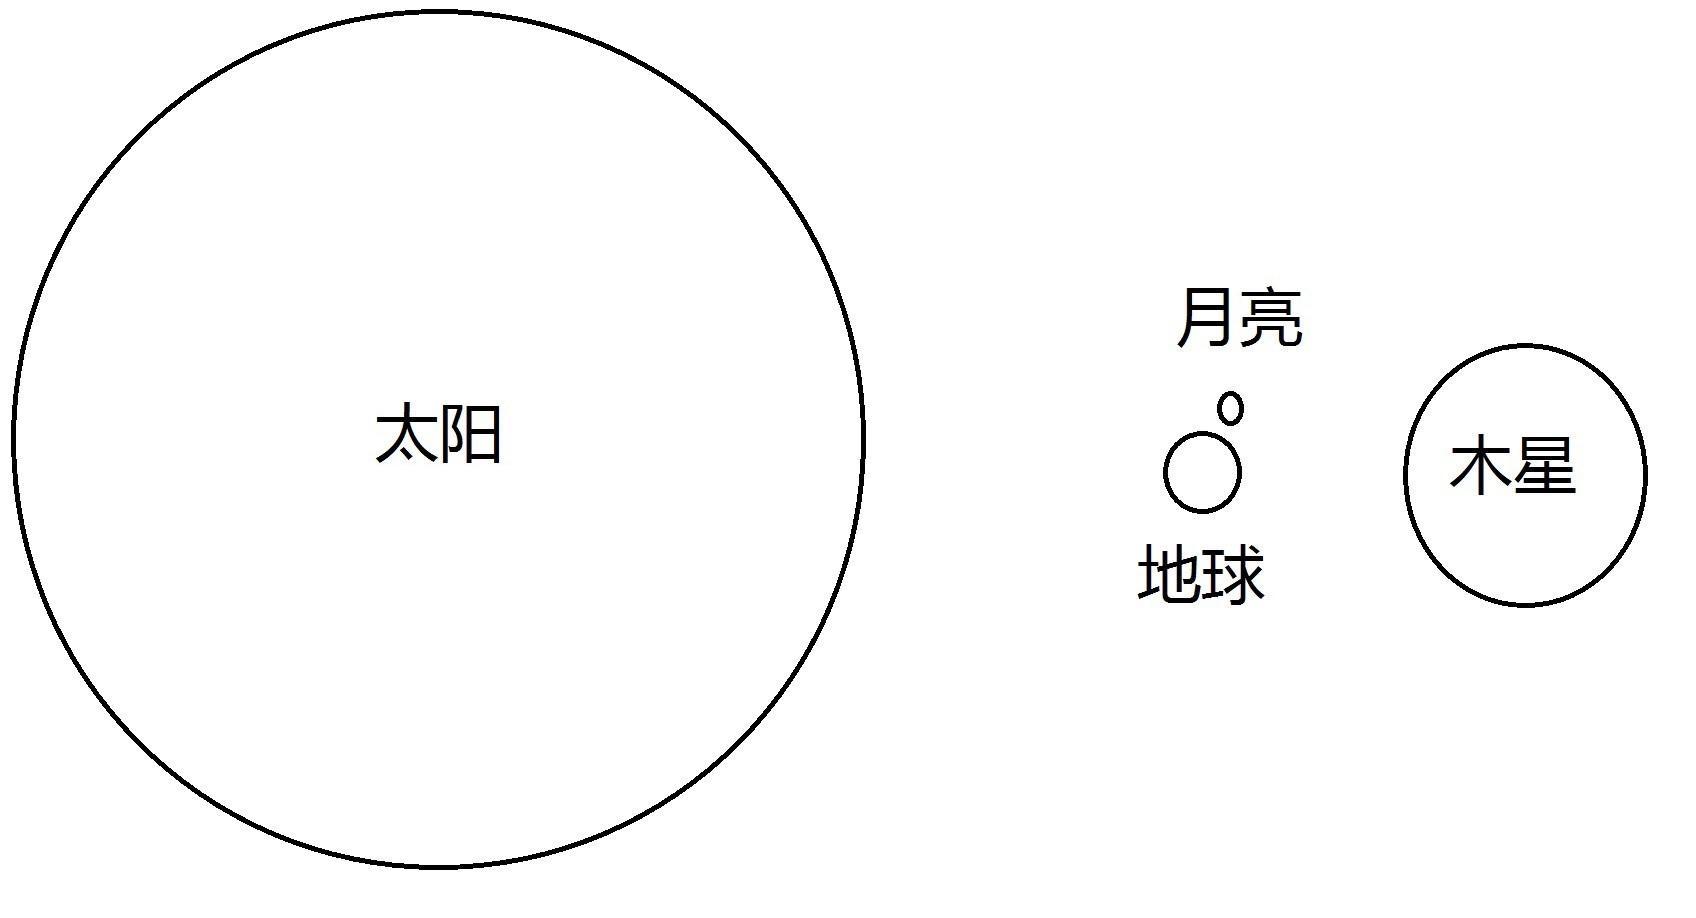 简笔画 设计图 手绘 线稿 1696_918